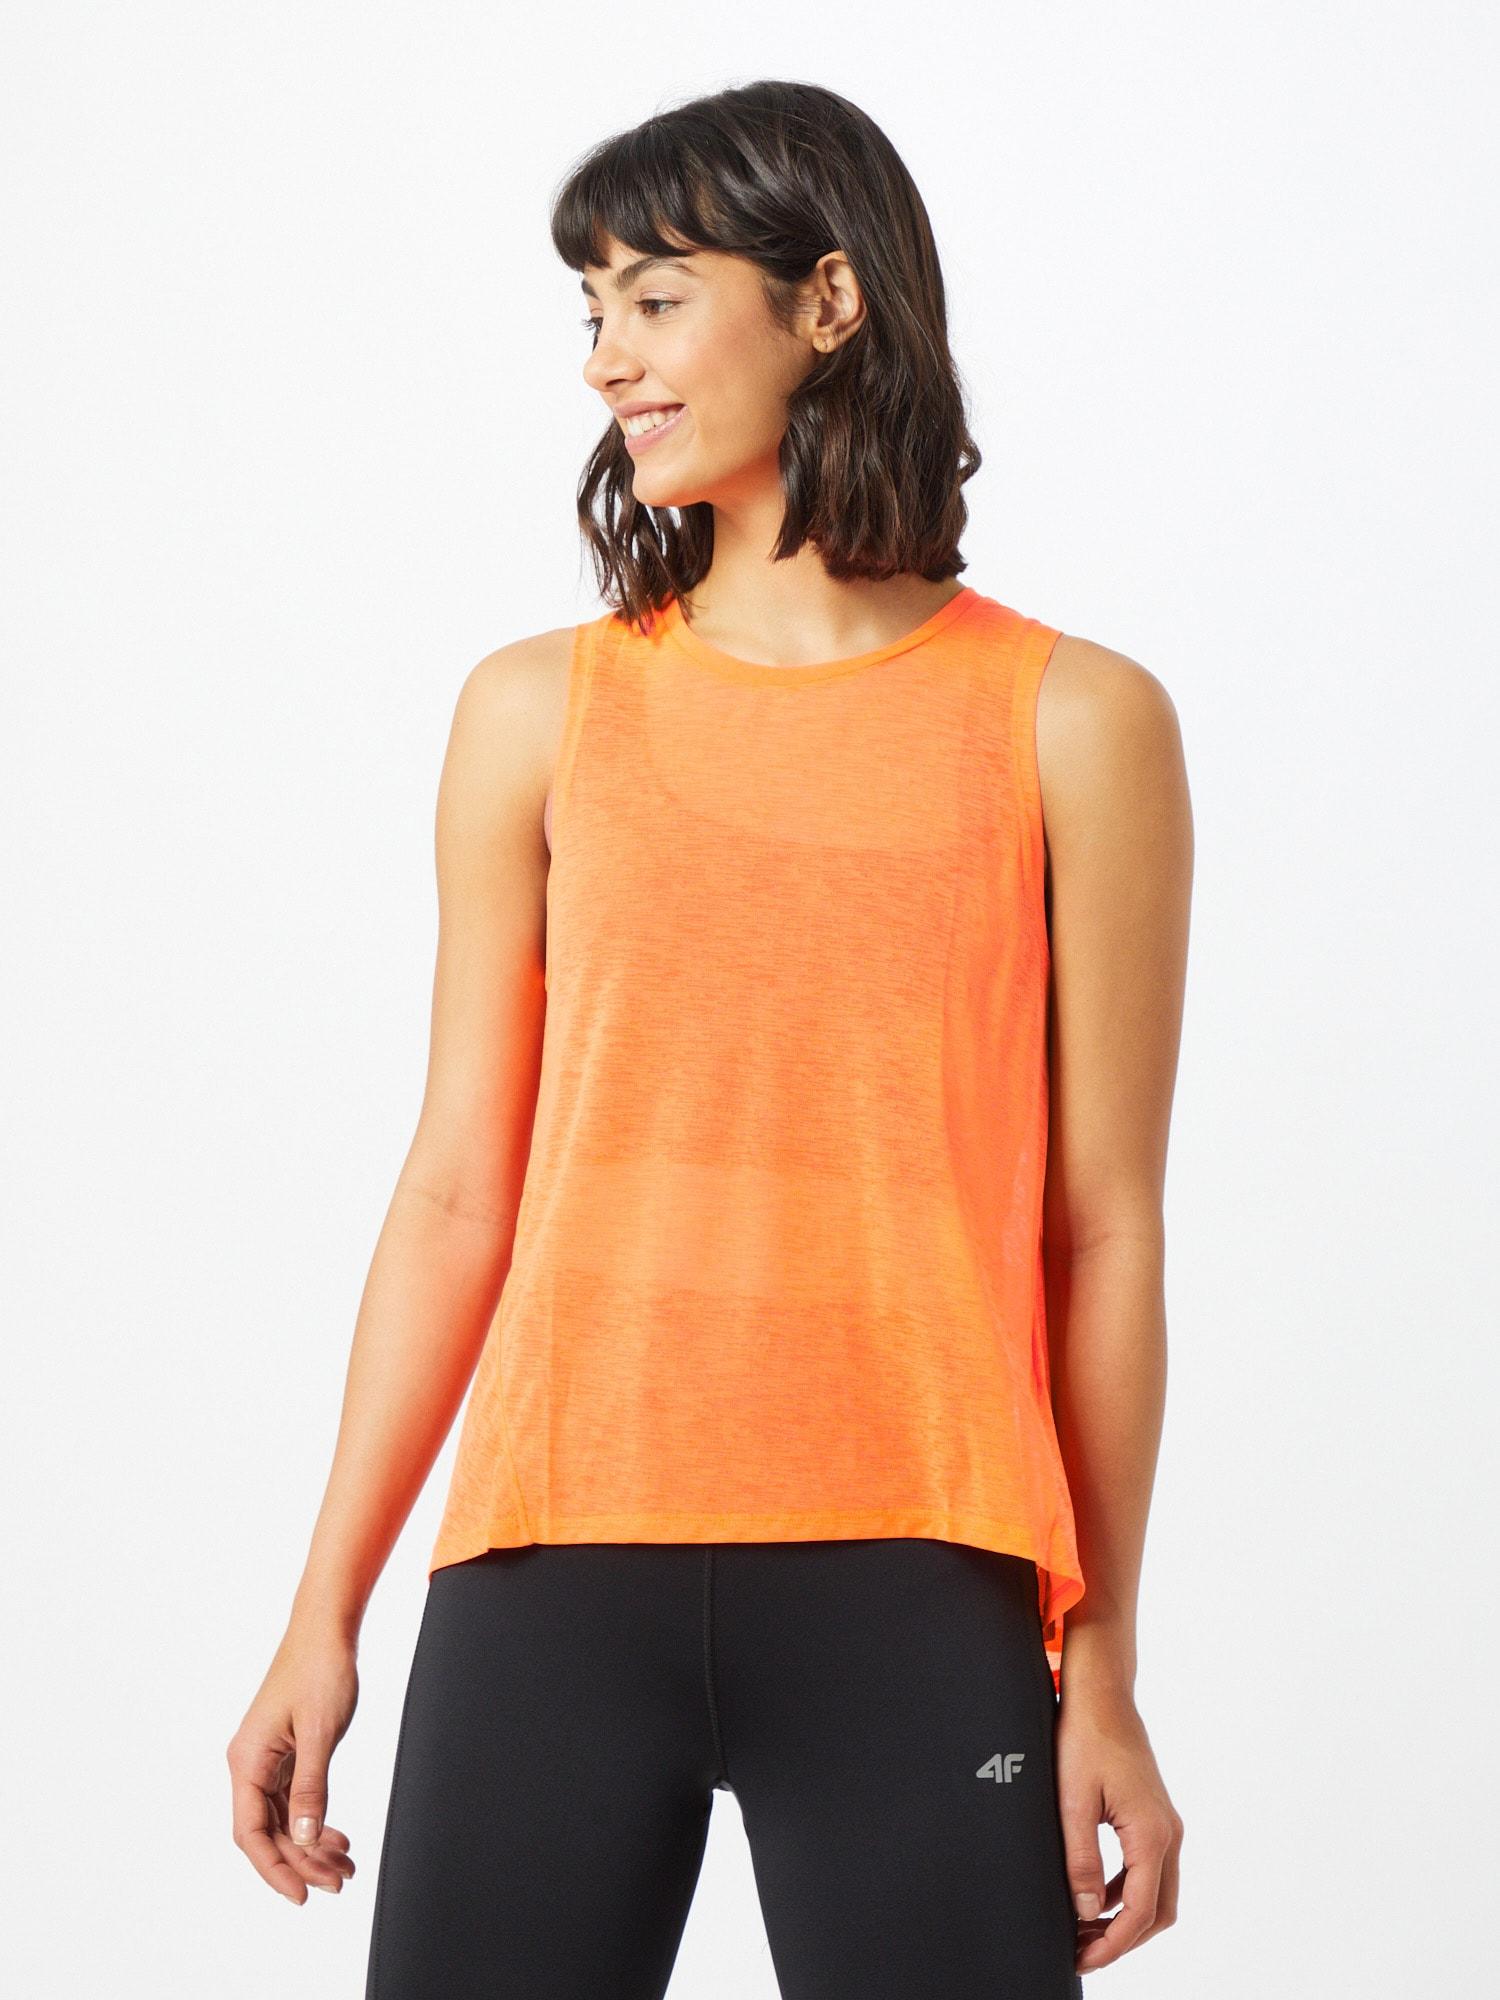 4F Sporttopp  orange